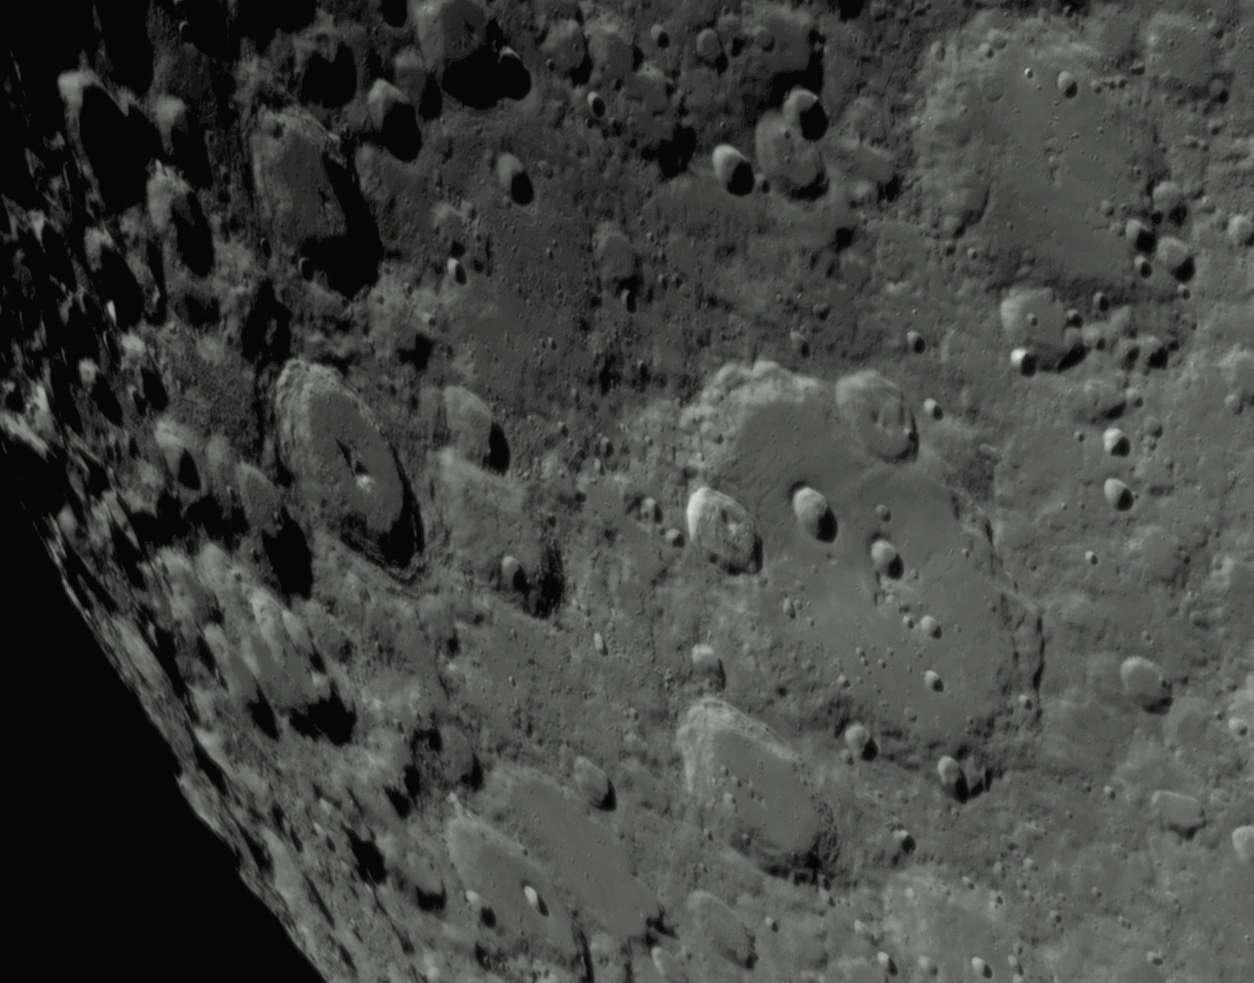 Clavius, un cratère géant au pôle sud lunaire. © O. Batteux